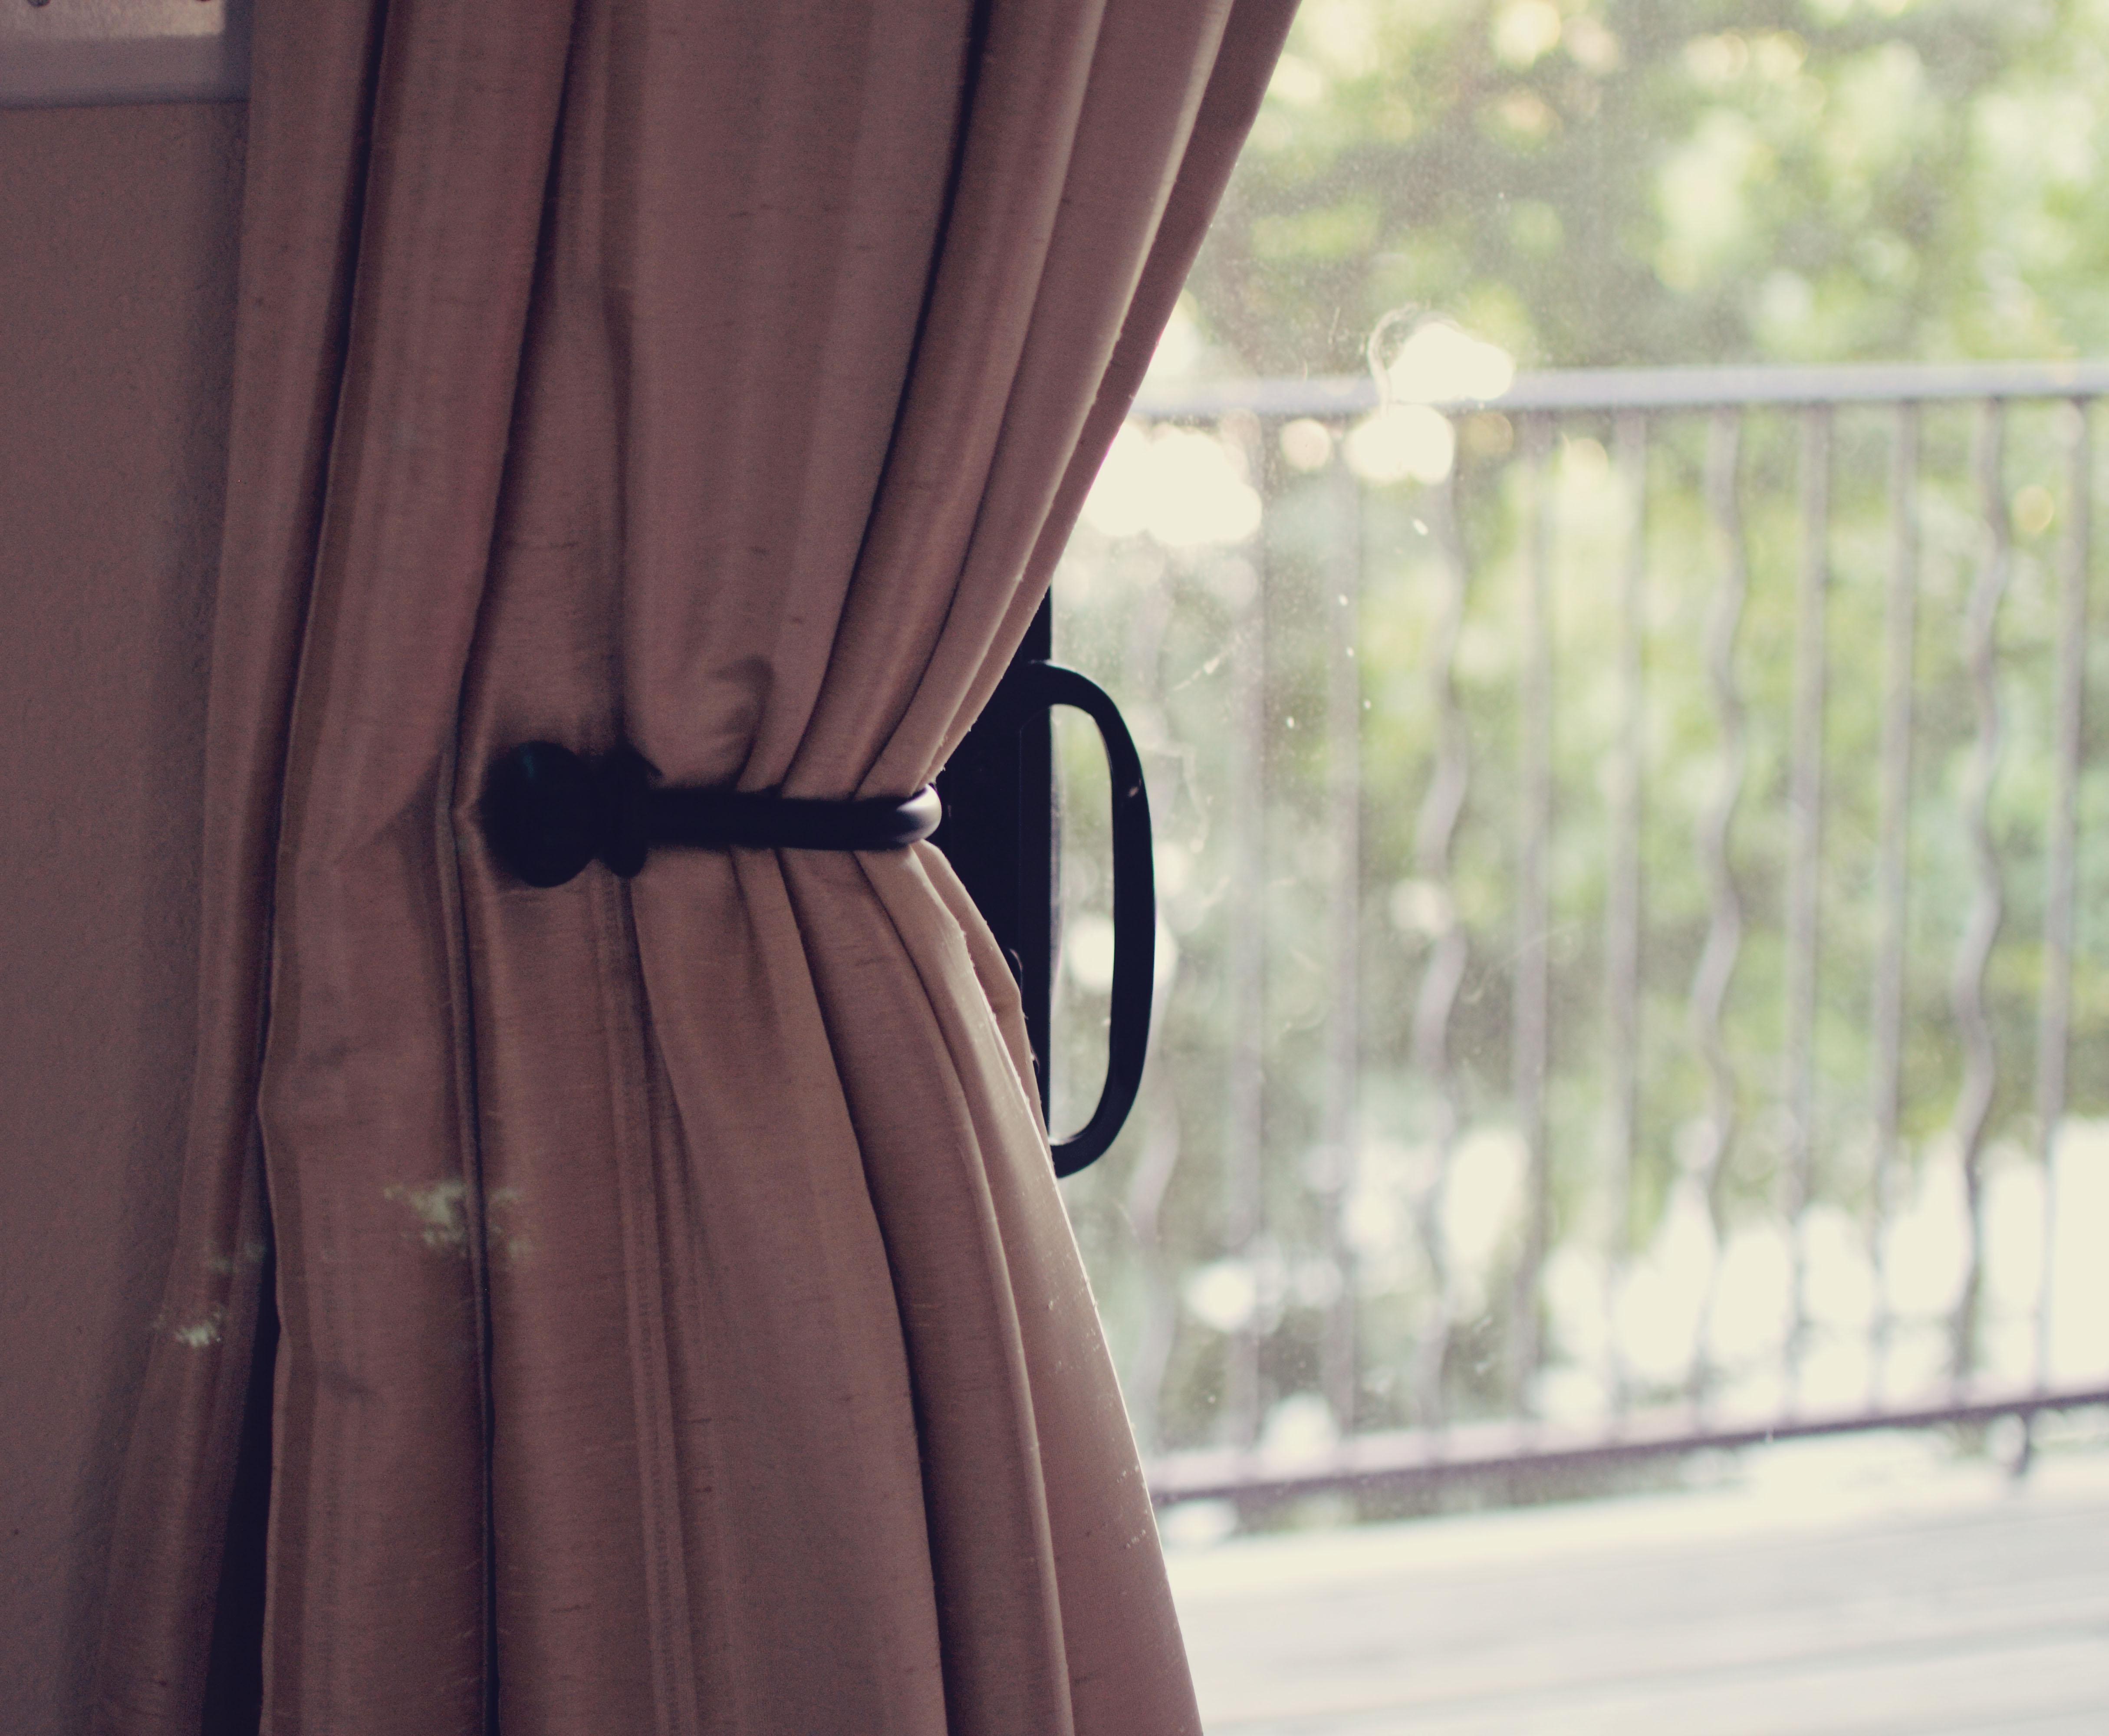 New Curtain Tie Backs Moky And Marisa